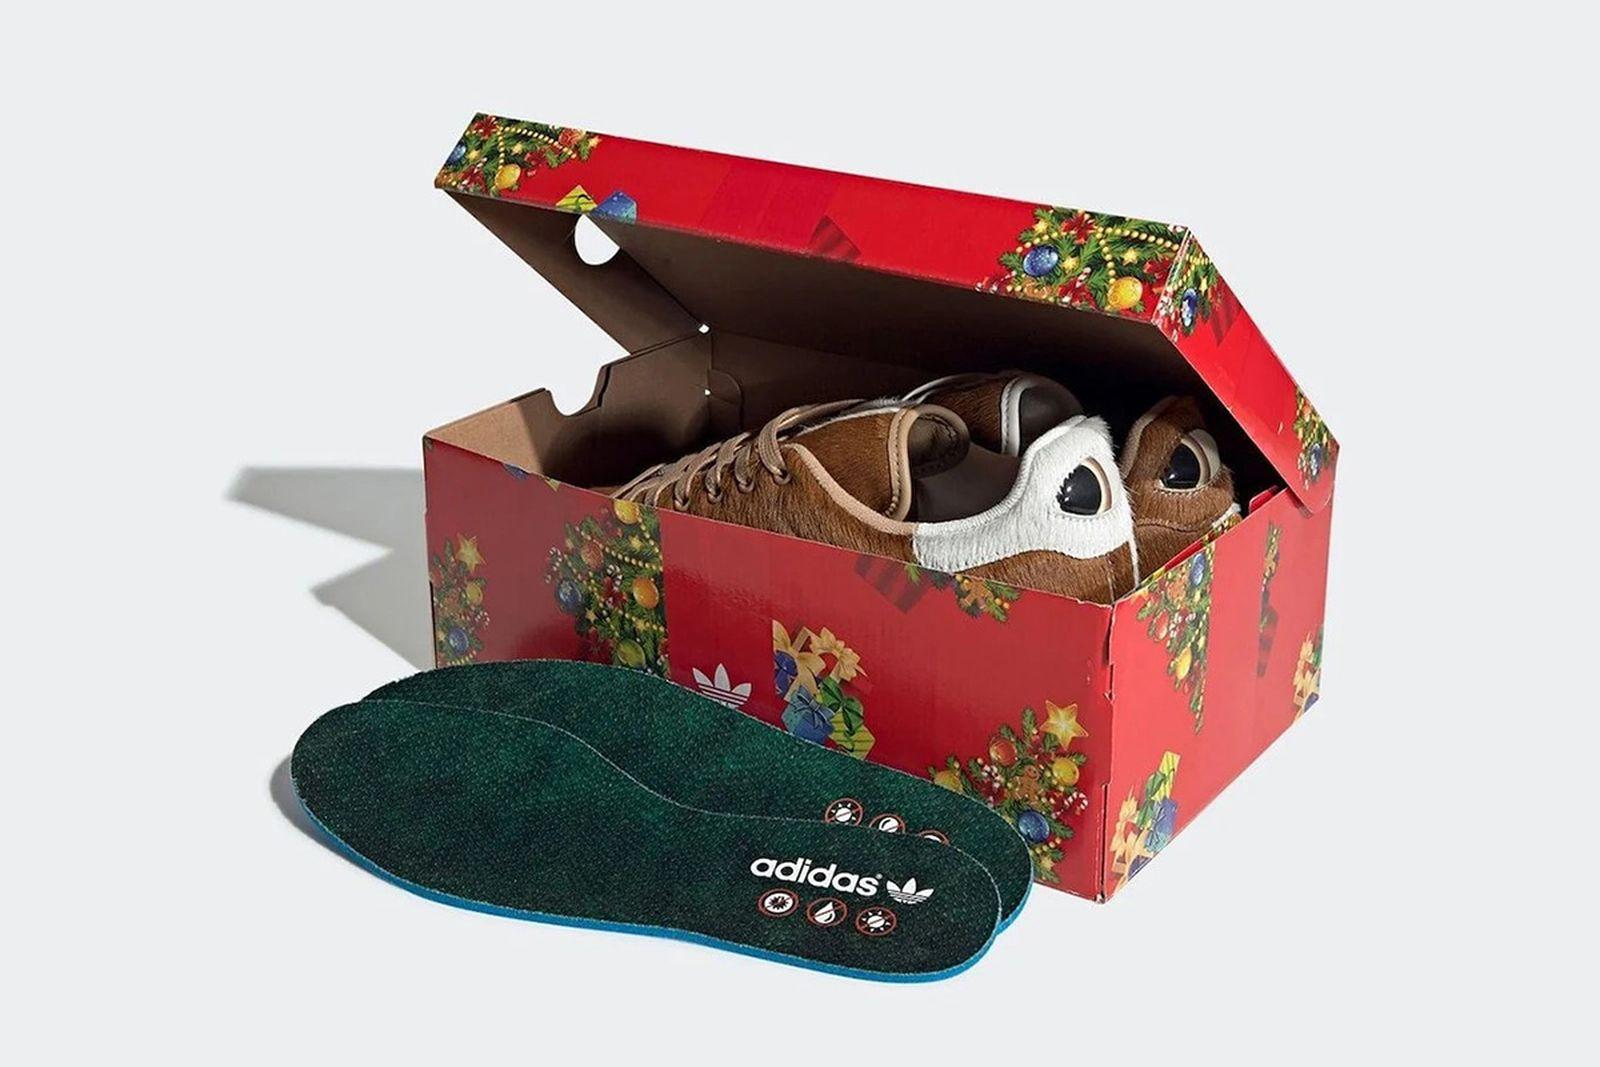 adidas-originals-stan-smith-gremlins-release-date-price-08